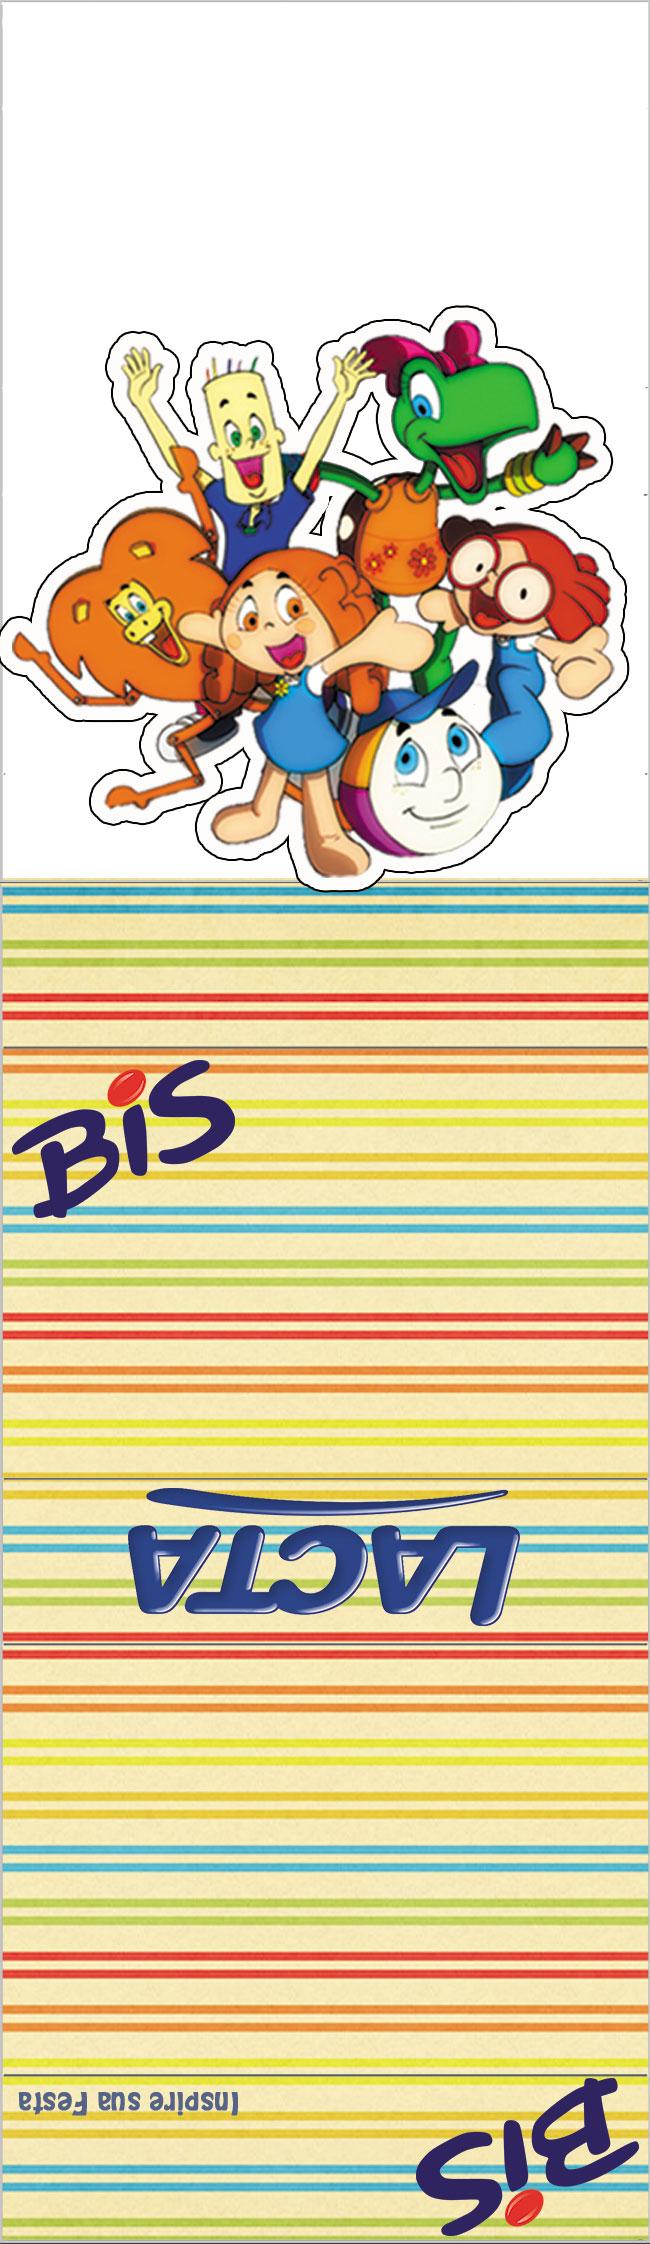 bis-duplo